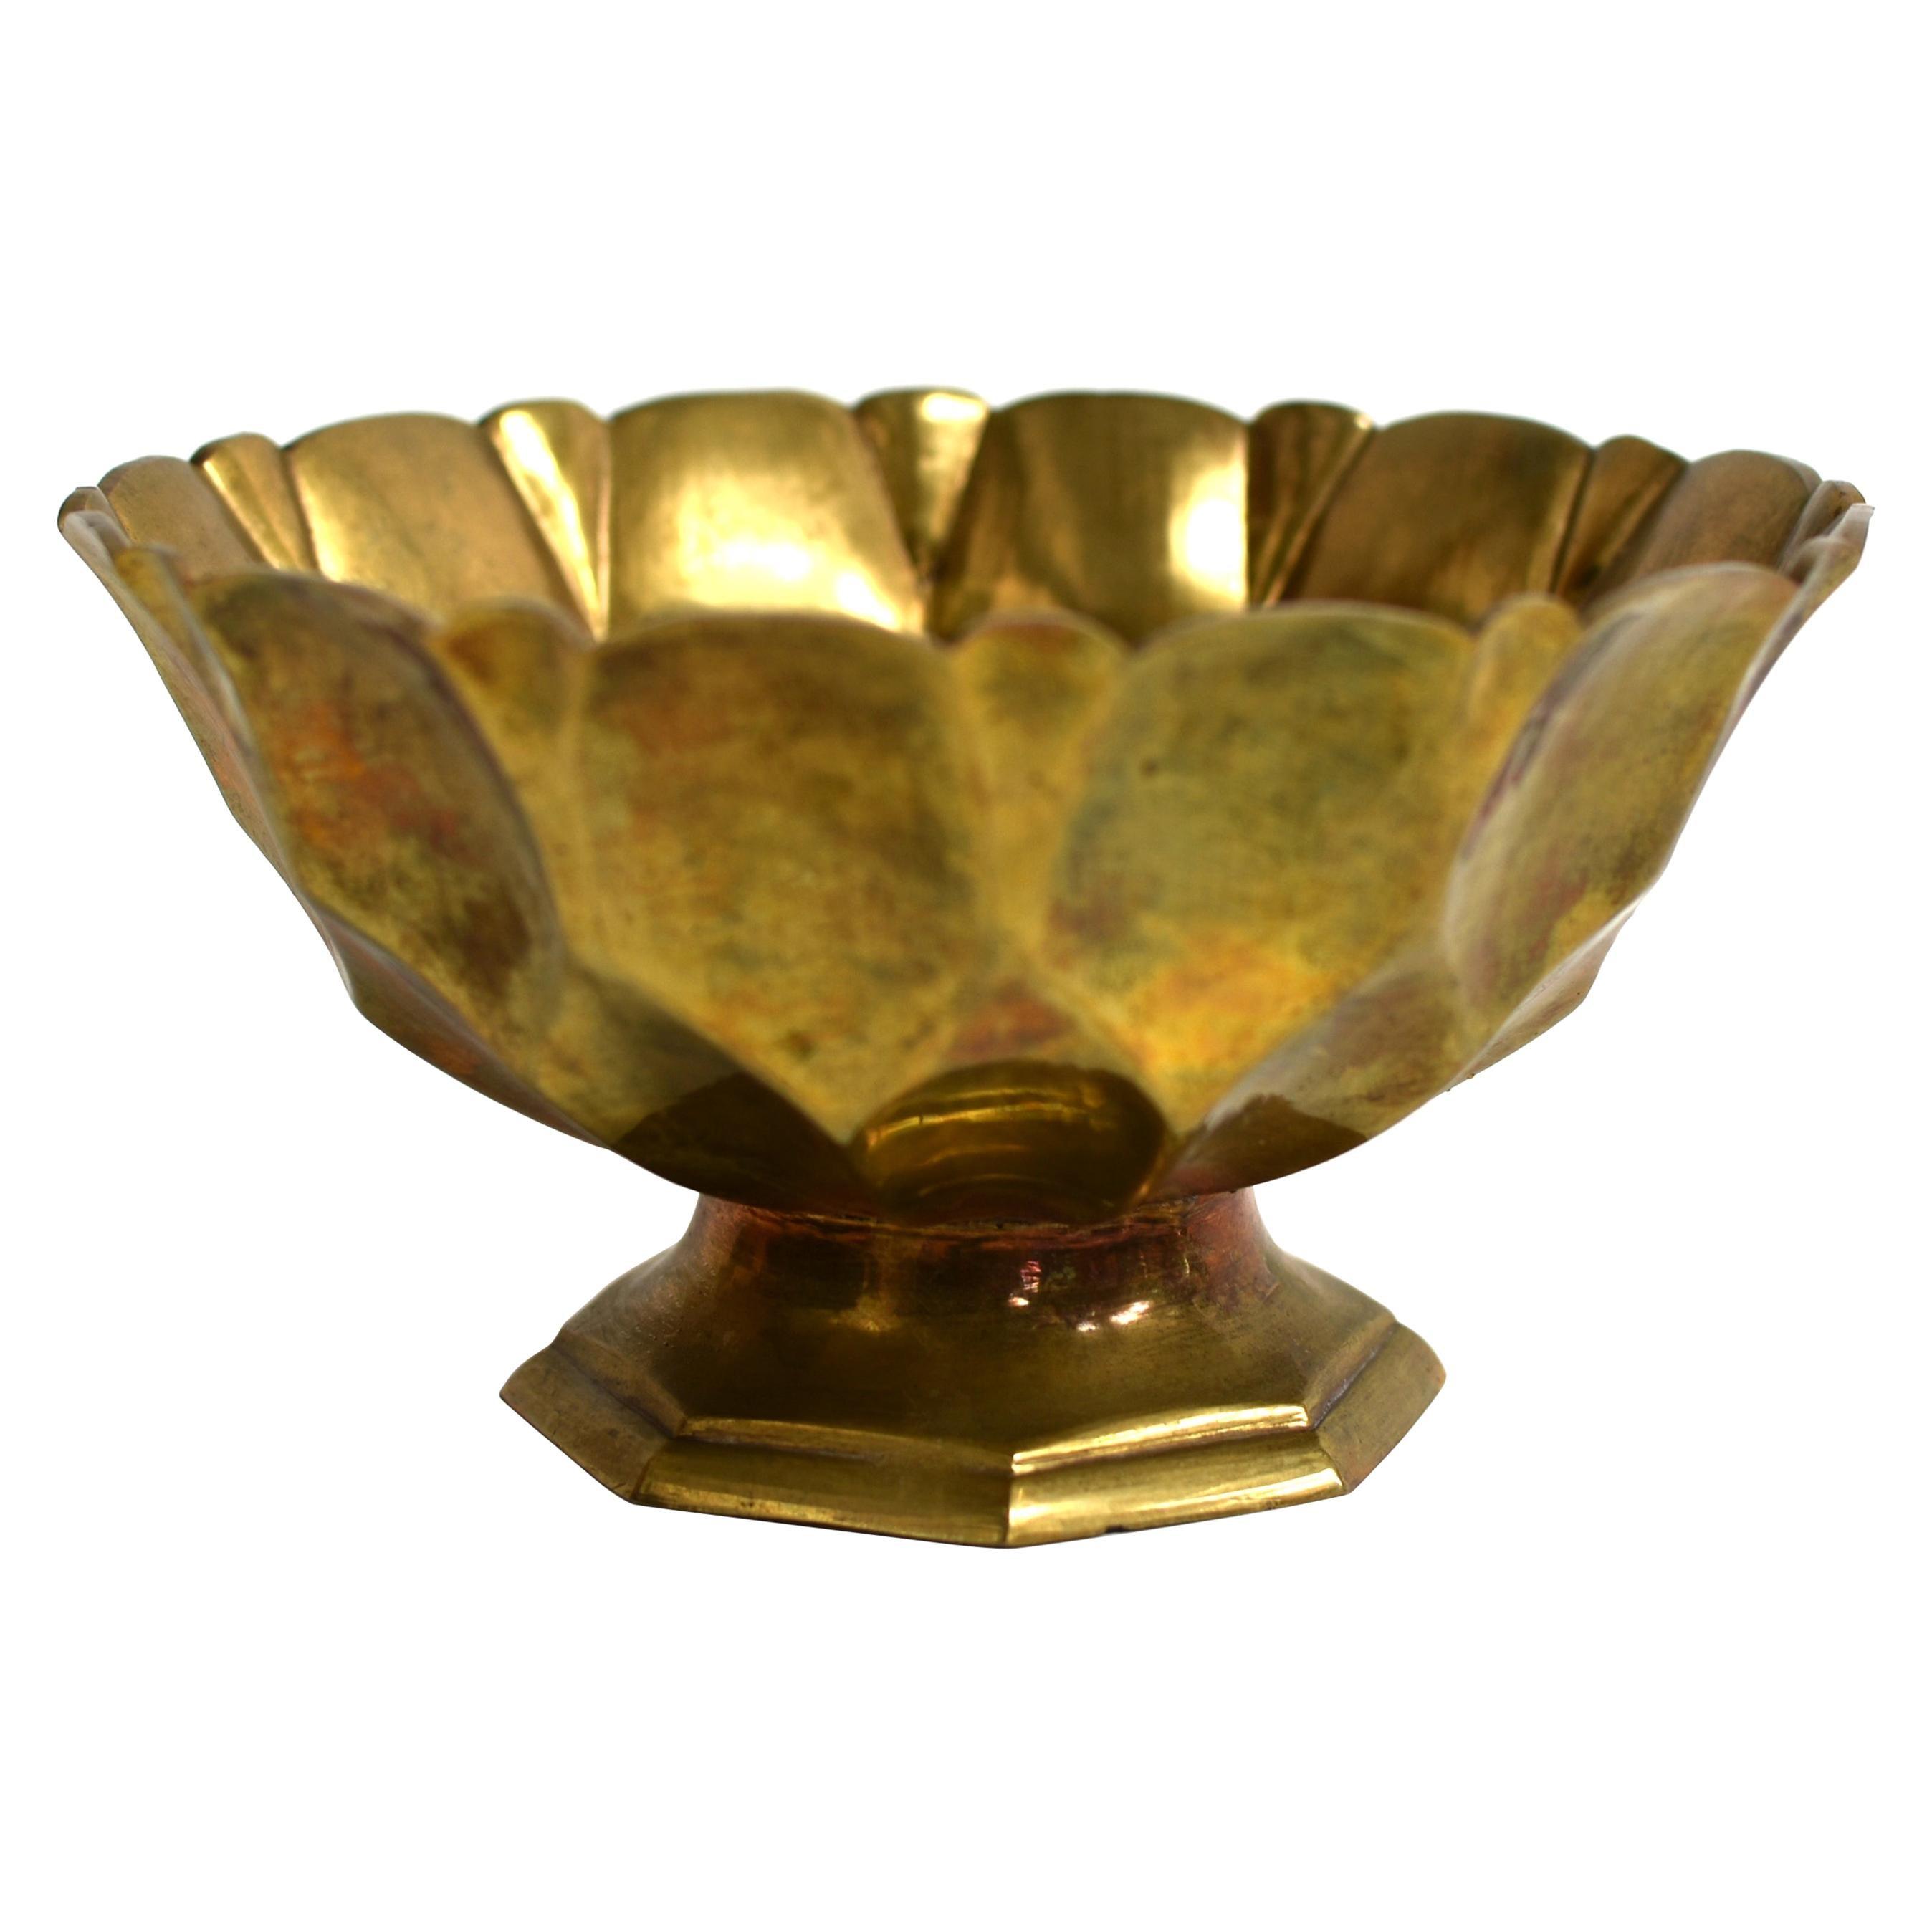 Tibetan Lotus Offering Bowl Solid Brass